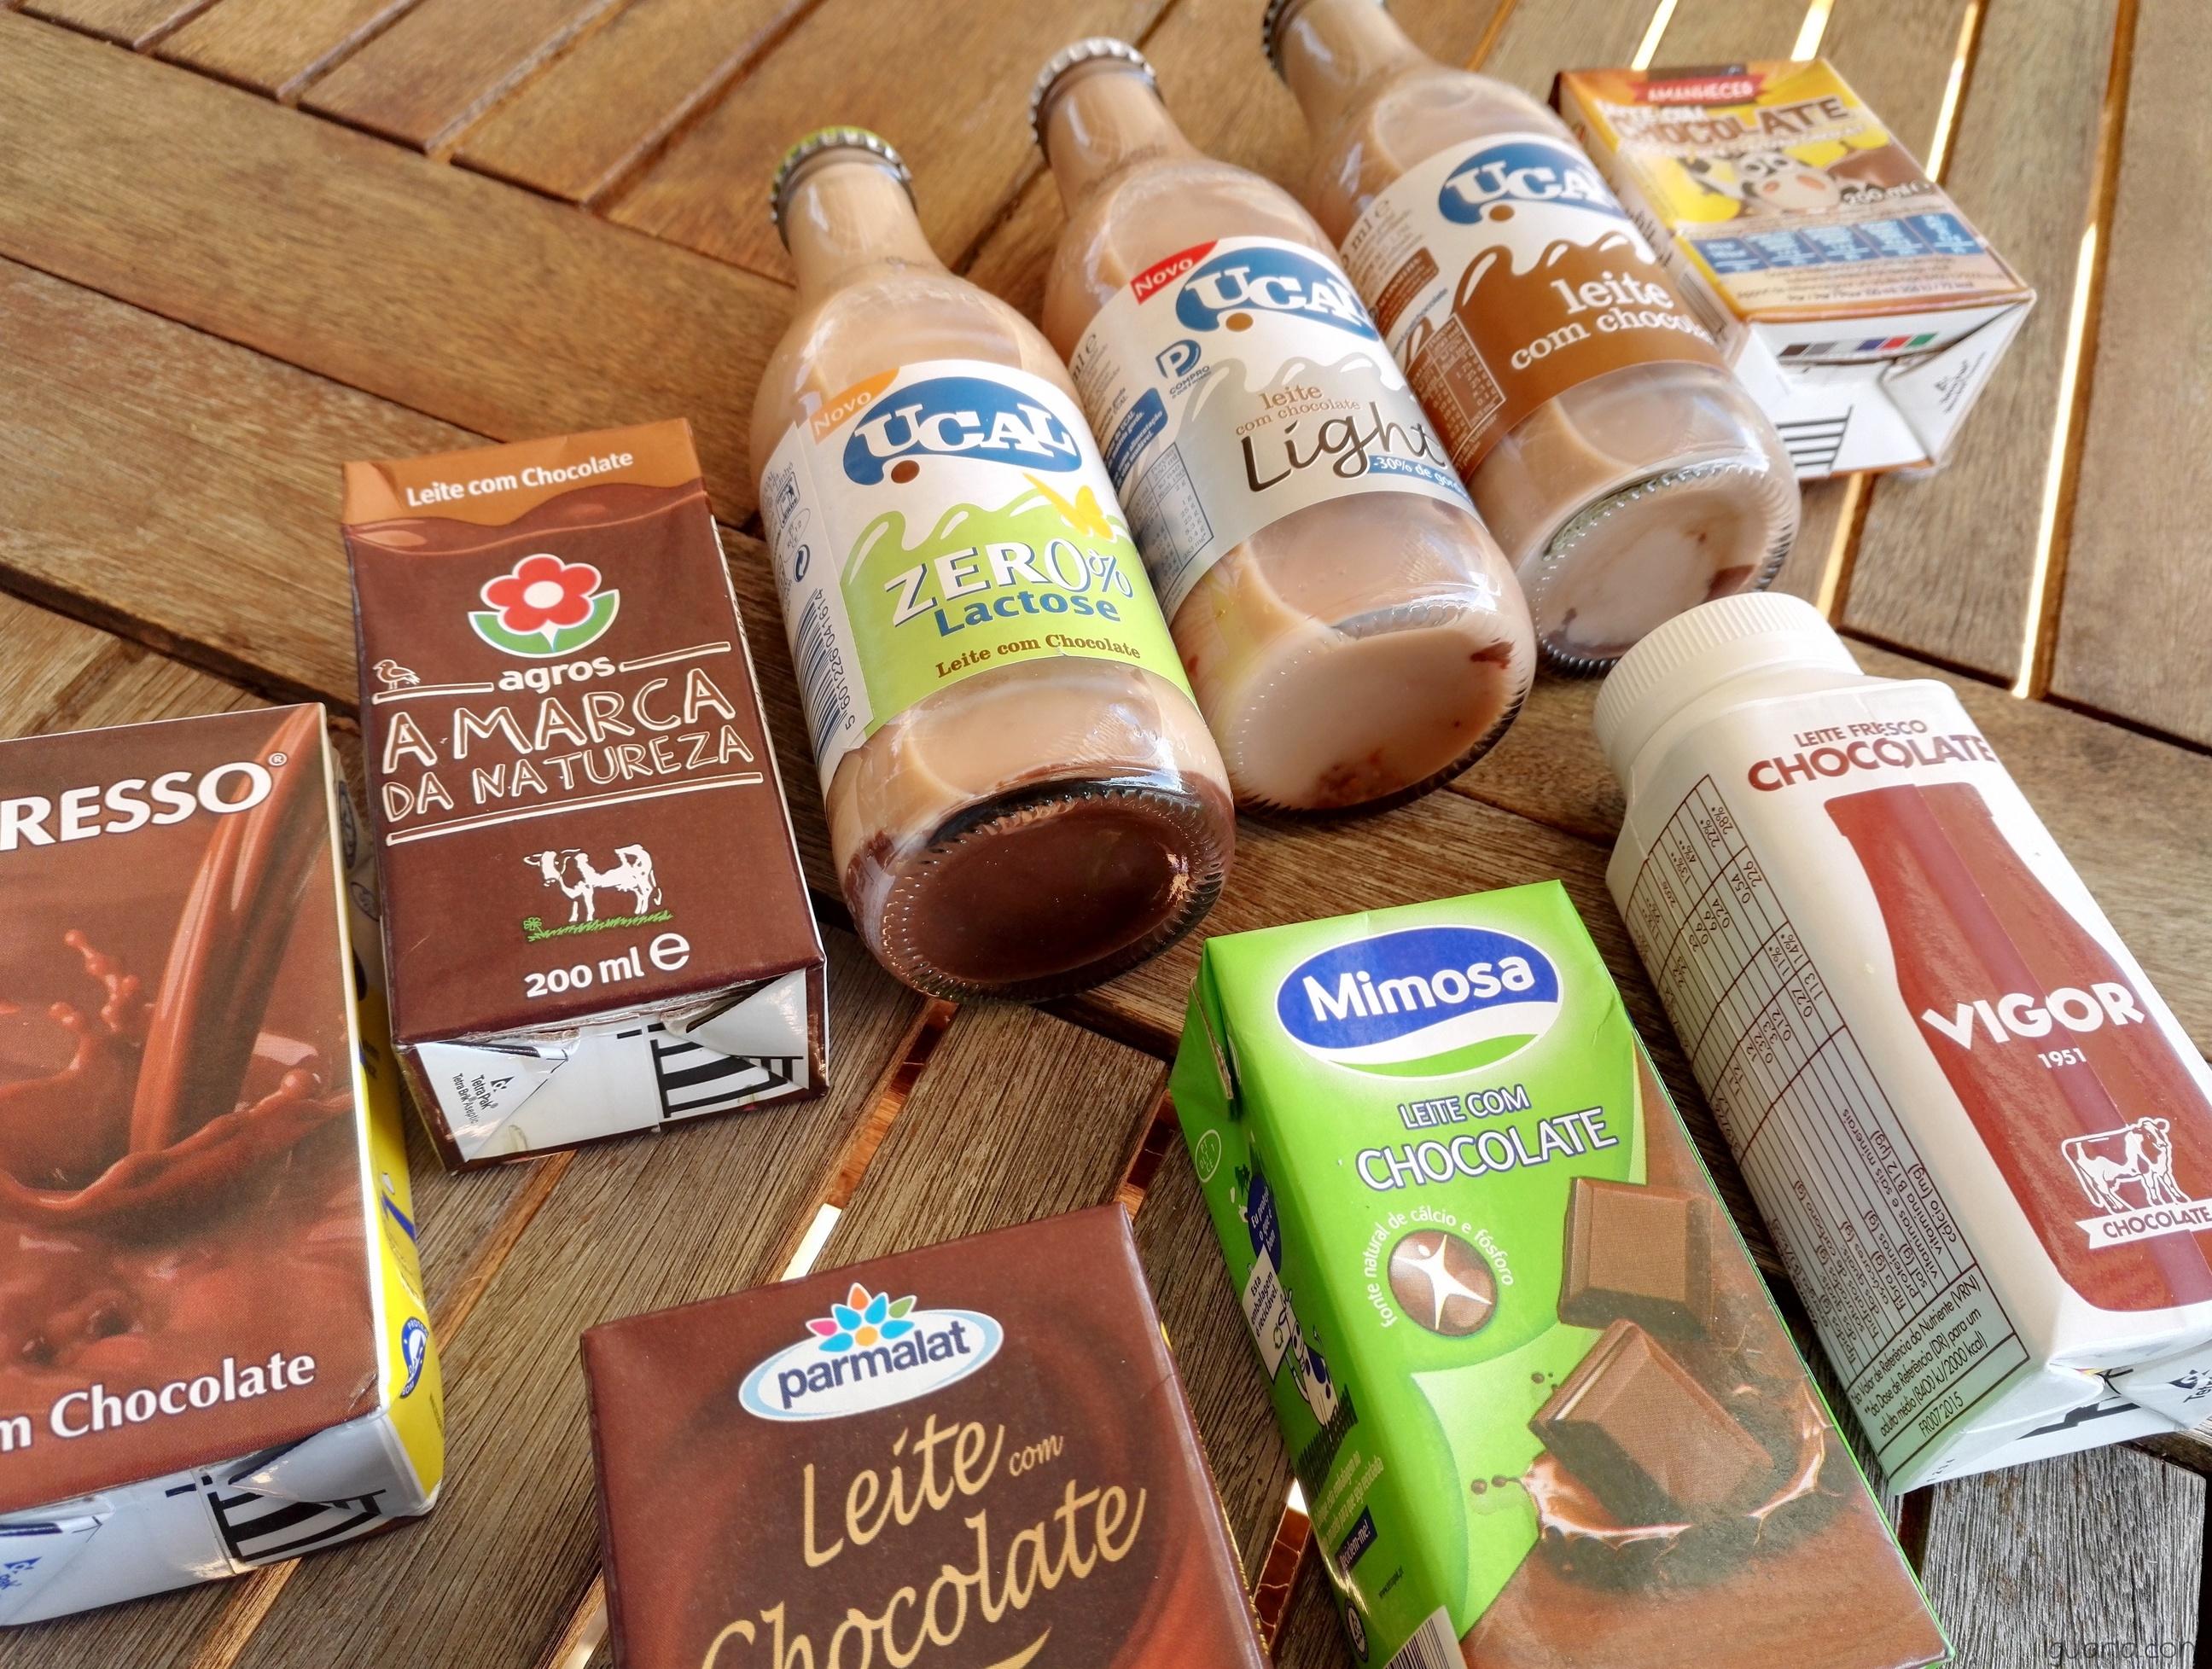 Iguaria_Qual-o-melhor-leite-com-chocolate-portugues